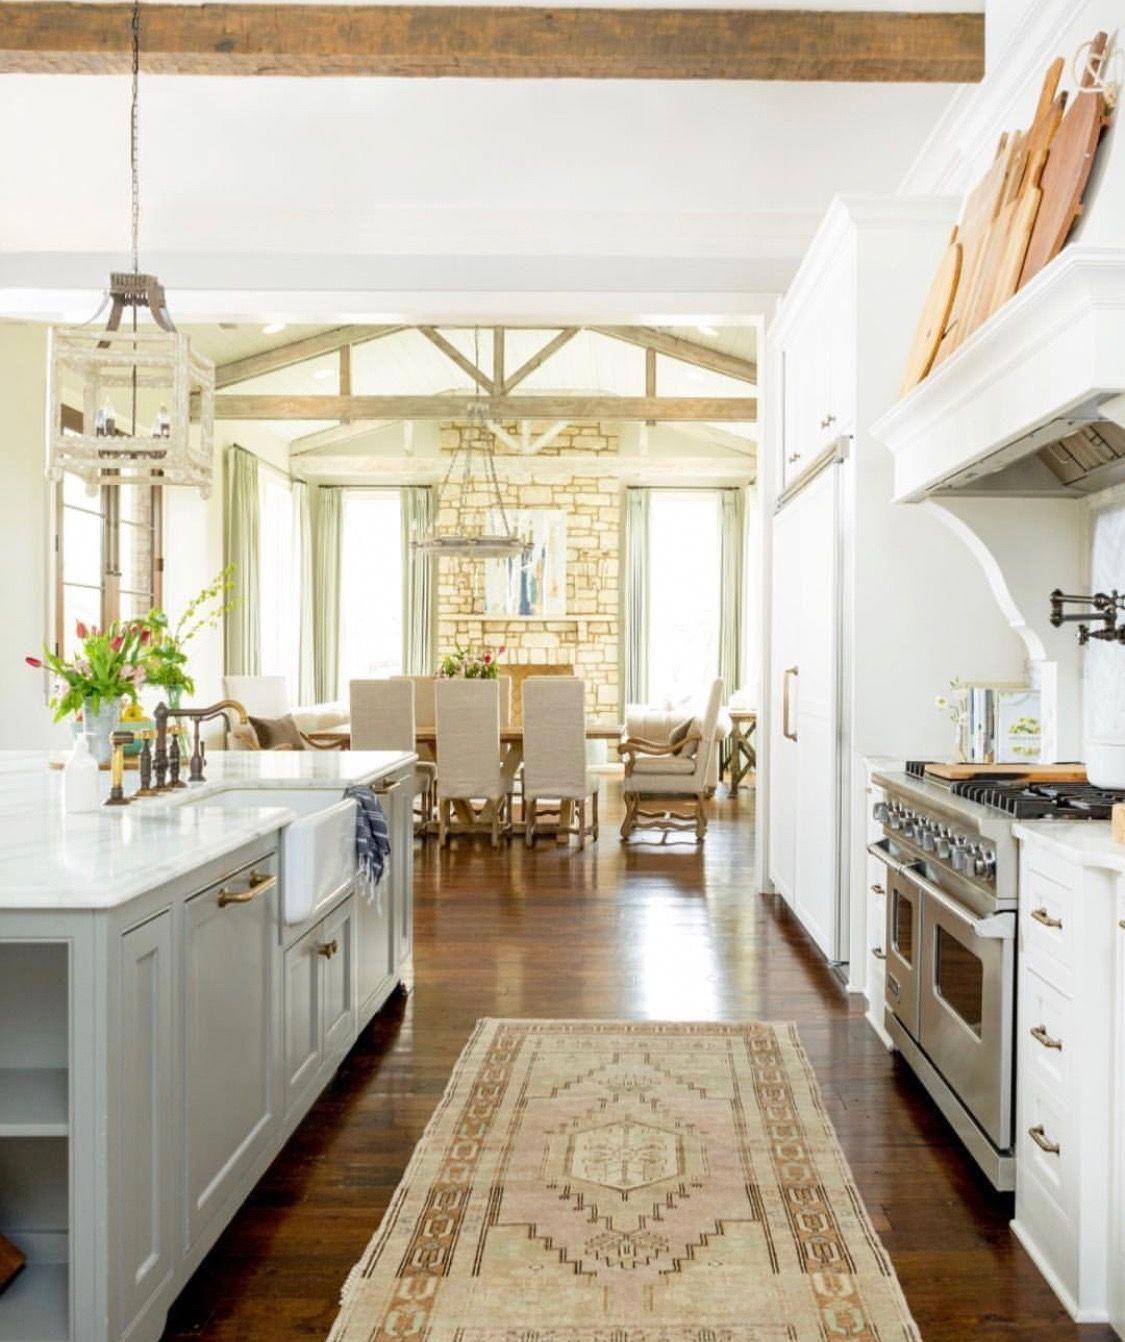 Beautiful Kitchen Classic Hanging Light Homekitchen Luxury Kitchen Design Dream House Ideas Kitchens Galley Kitchen Remodel